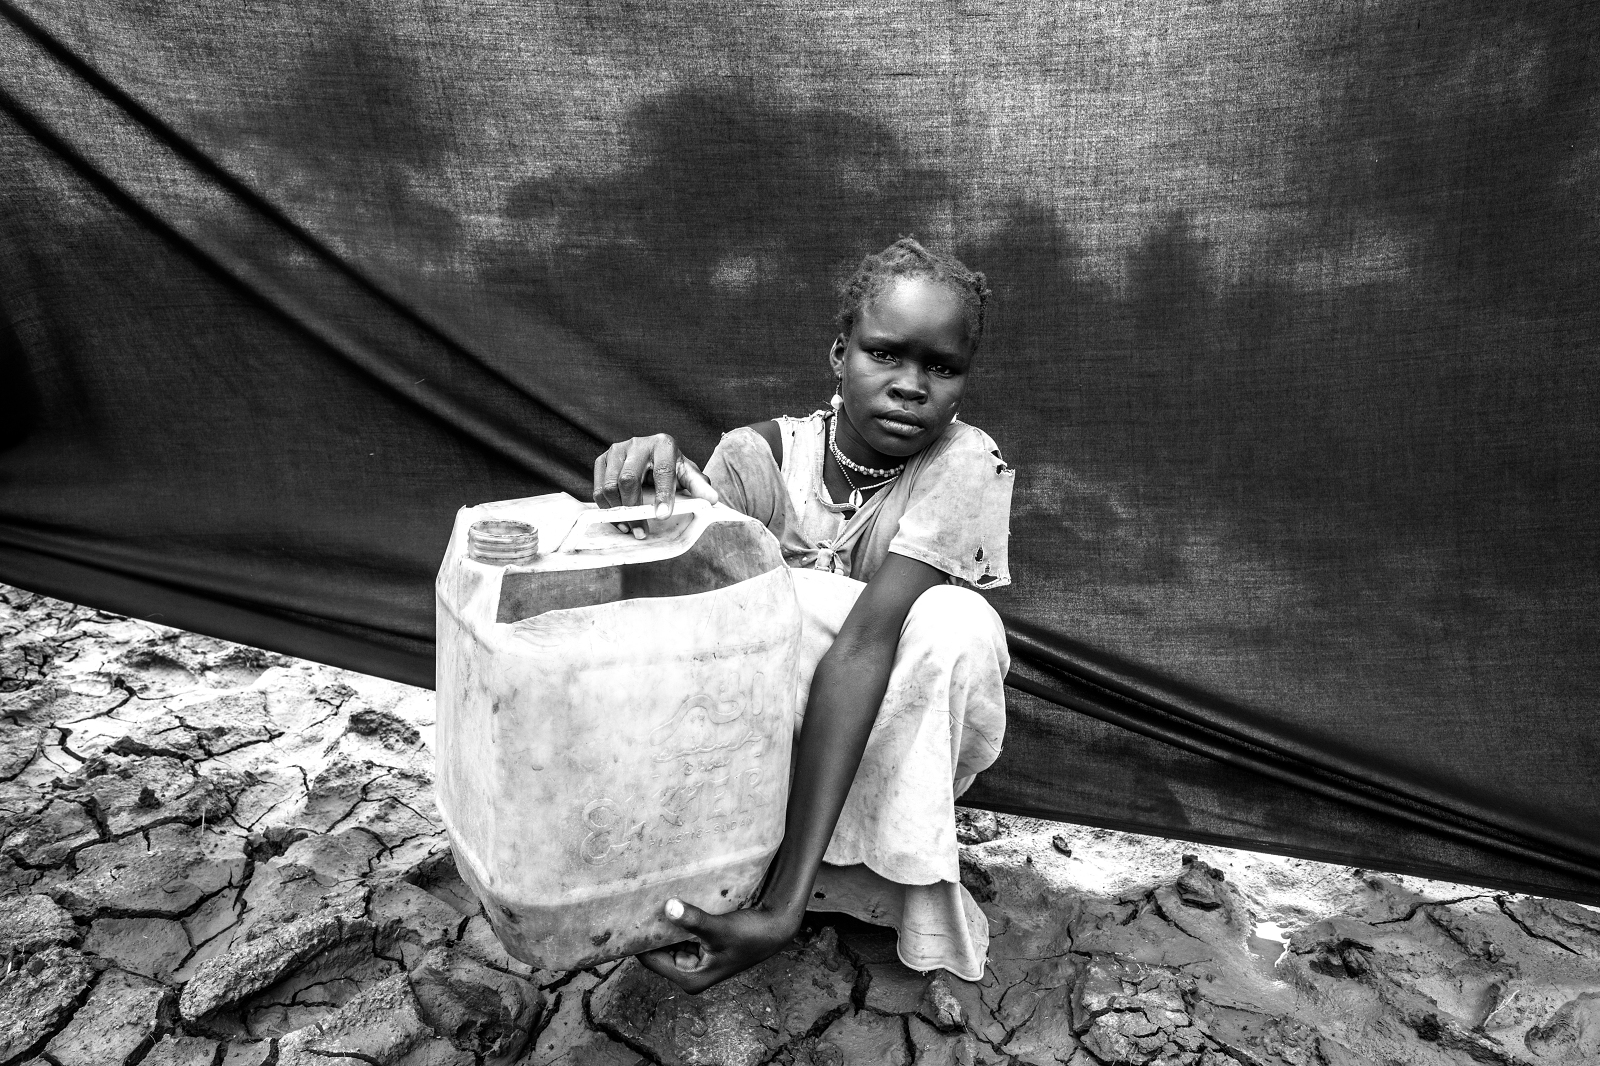 Cuando los soldados invadieron el pueblo de María (Makaja, estado sudanés del Nilo Azul), ella y su familia partieron hacia la frontera de Sudán del Sur. El objeto más importante que trajo consigo fue una garrafa de agua.. Brian Sokol/ACNUR